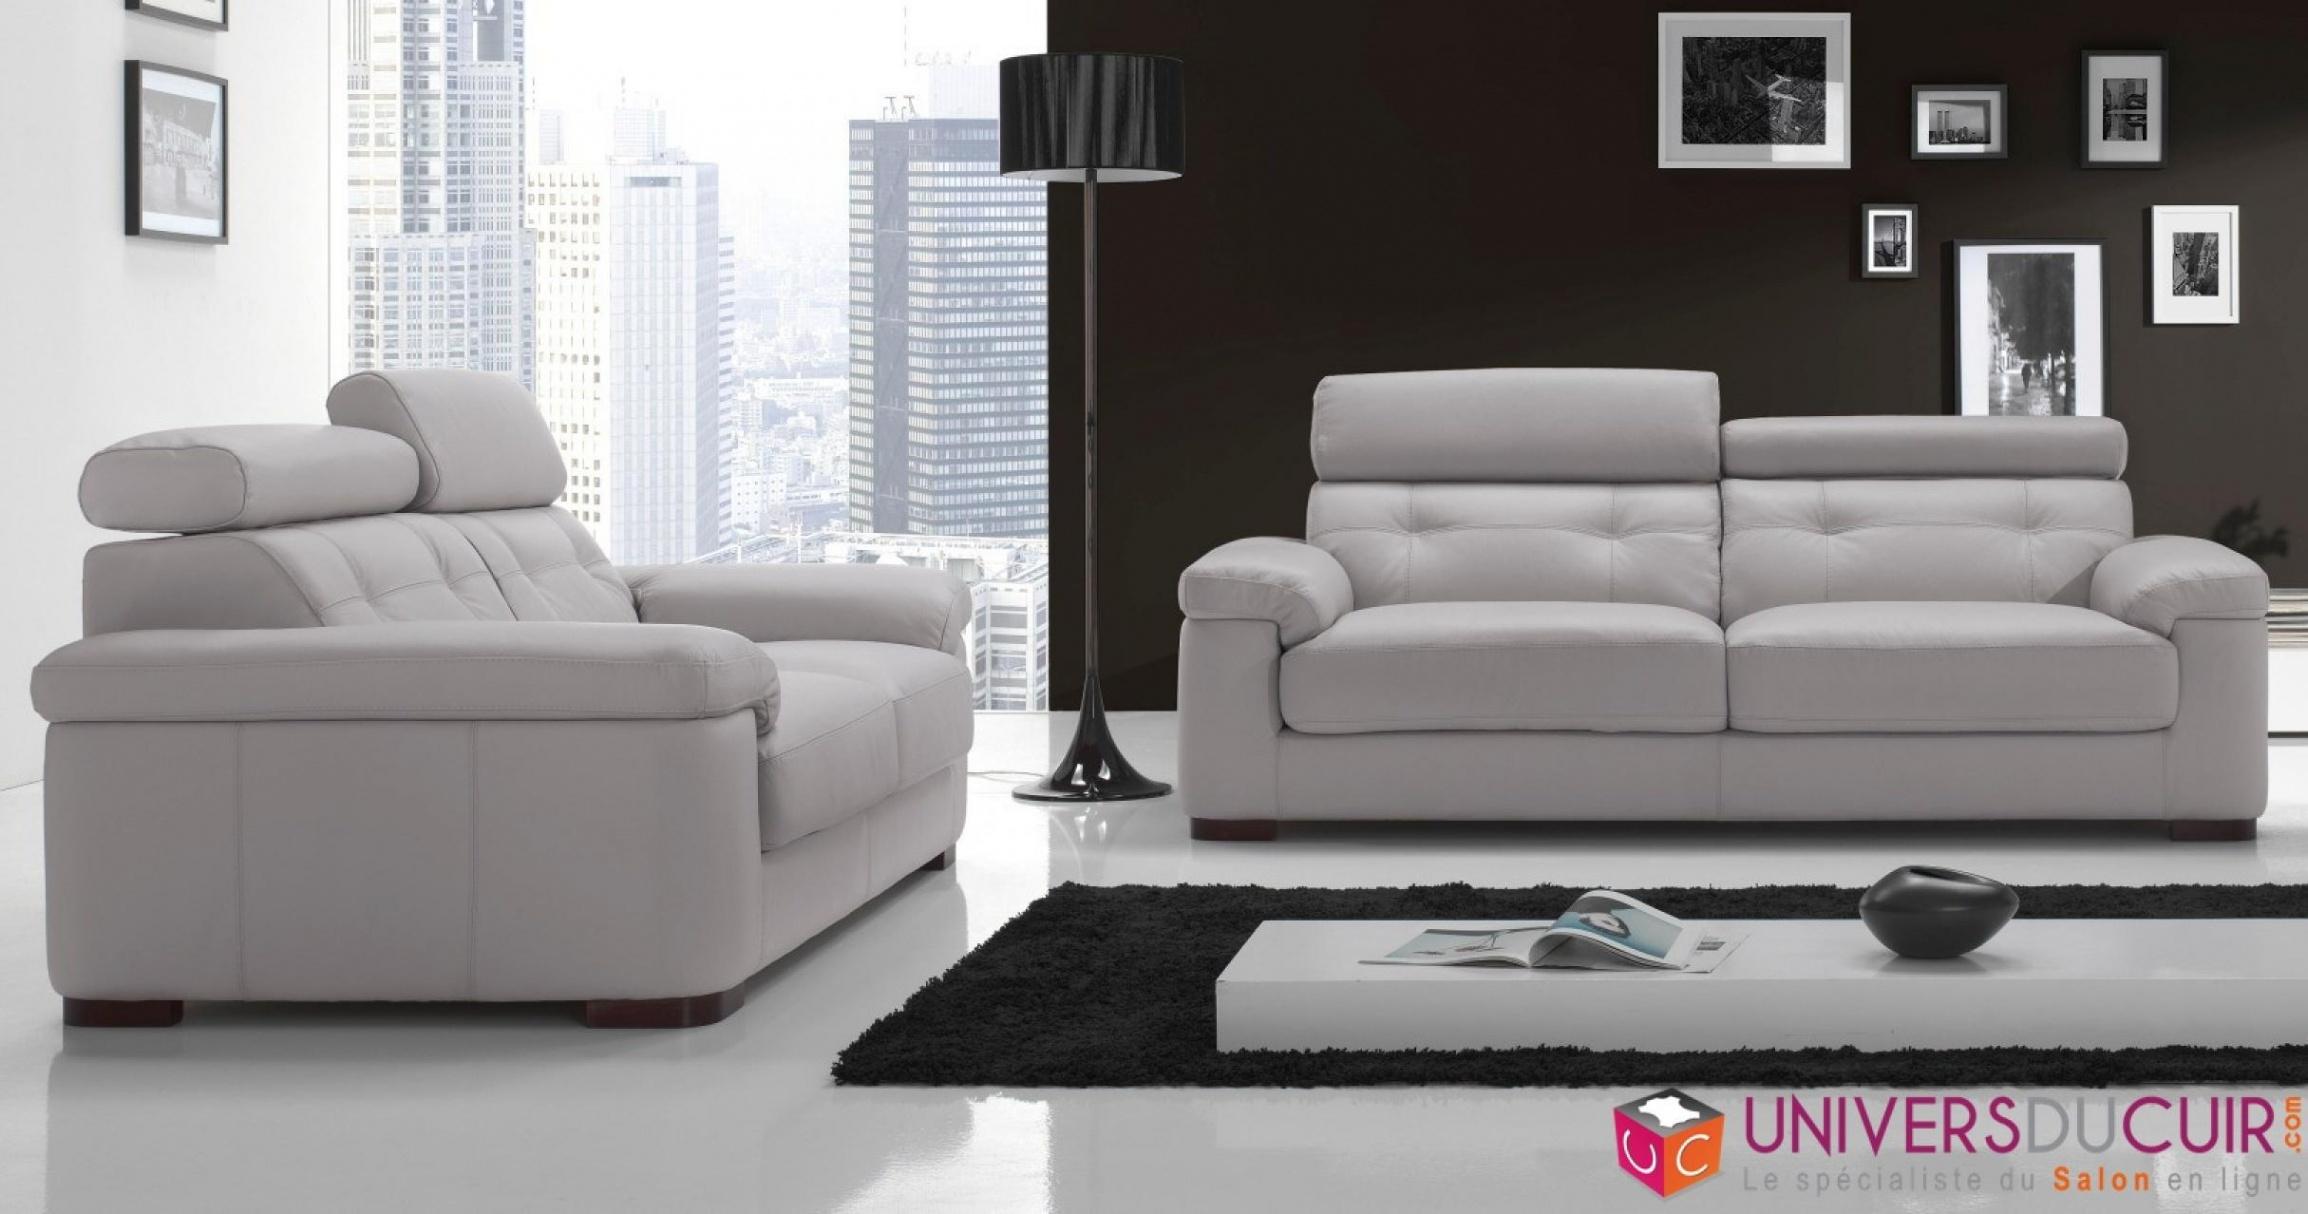 Canapé D Angle Ikea Convertible Meilleur De Photos Canapé 3 Places Cuir — Laguerredesmots